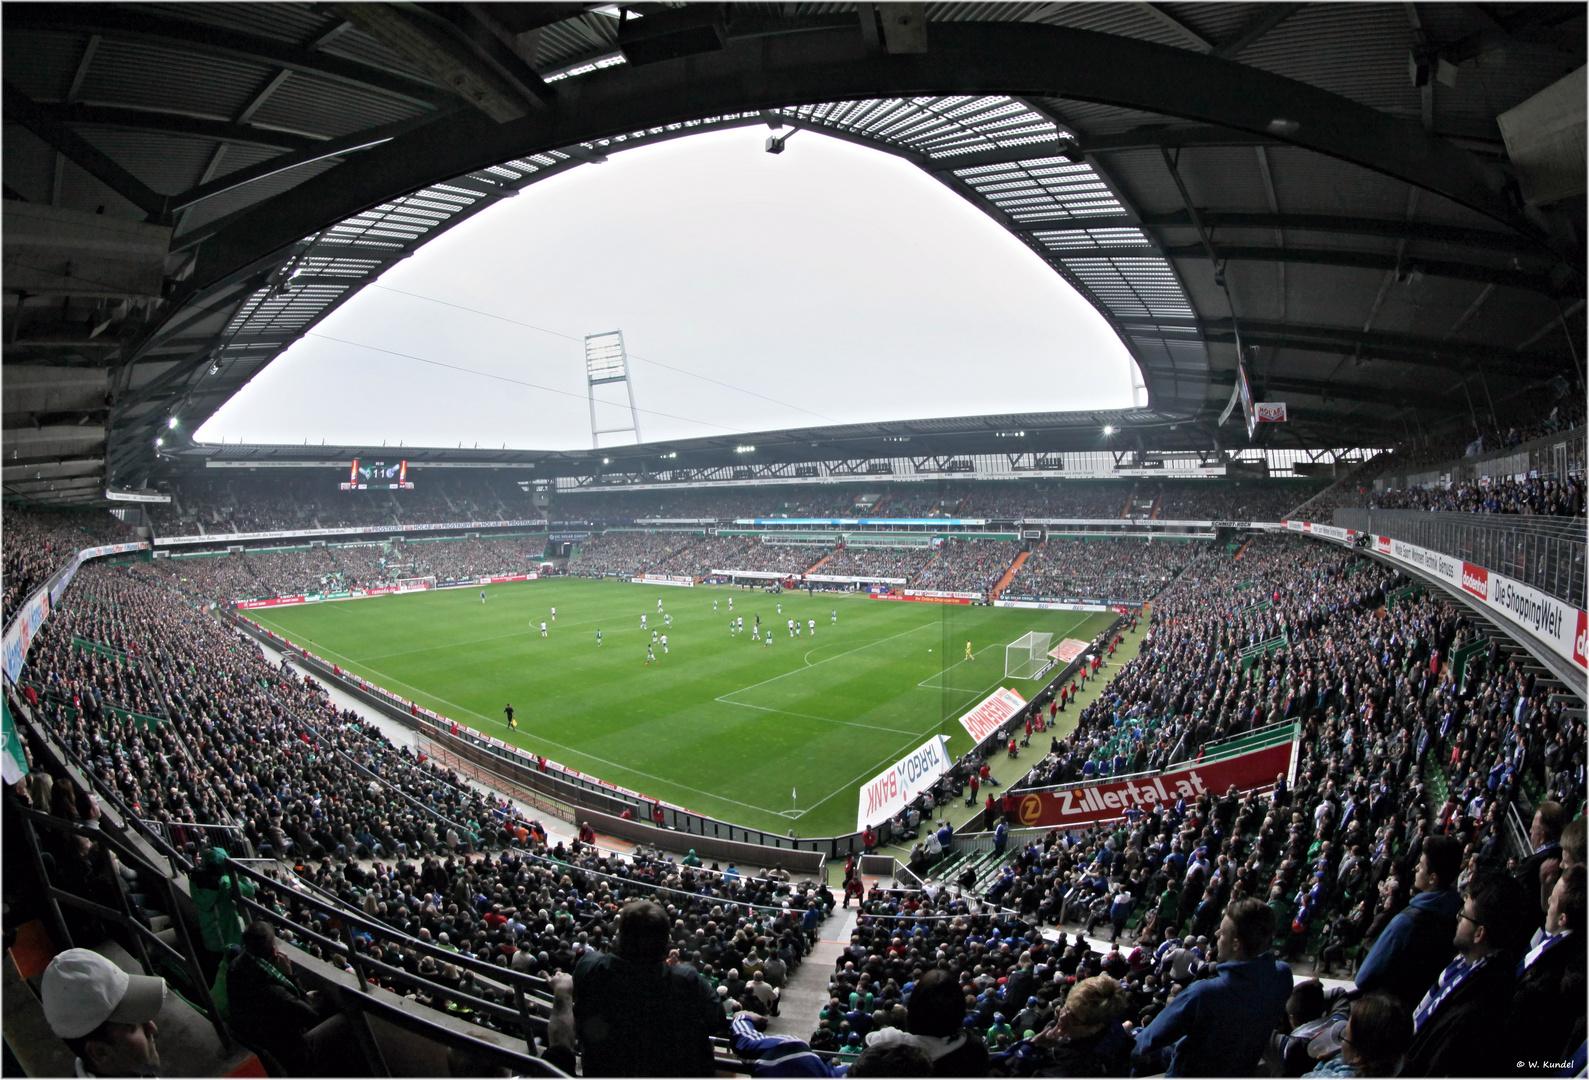 42000 draufgehalten - im Weserstadion